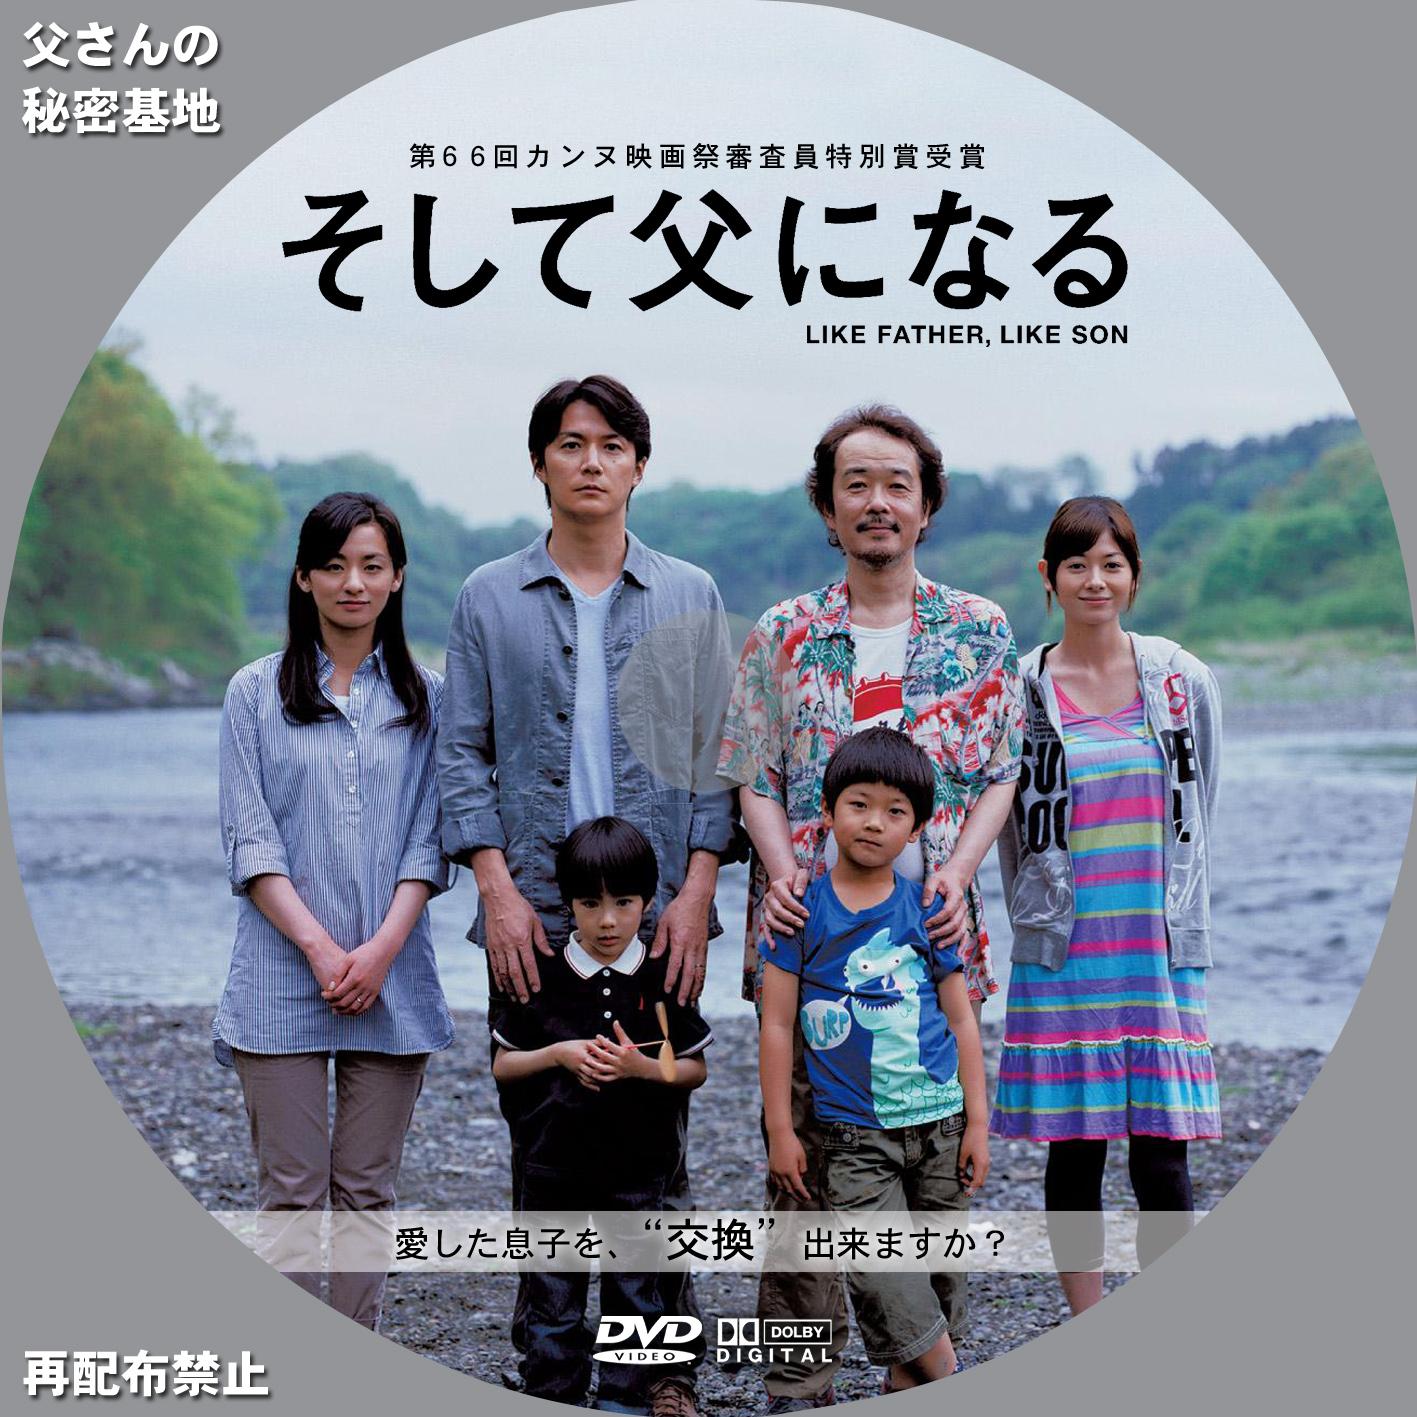 soshitechichininaru_DVD_01.jpg